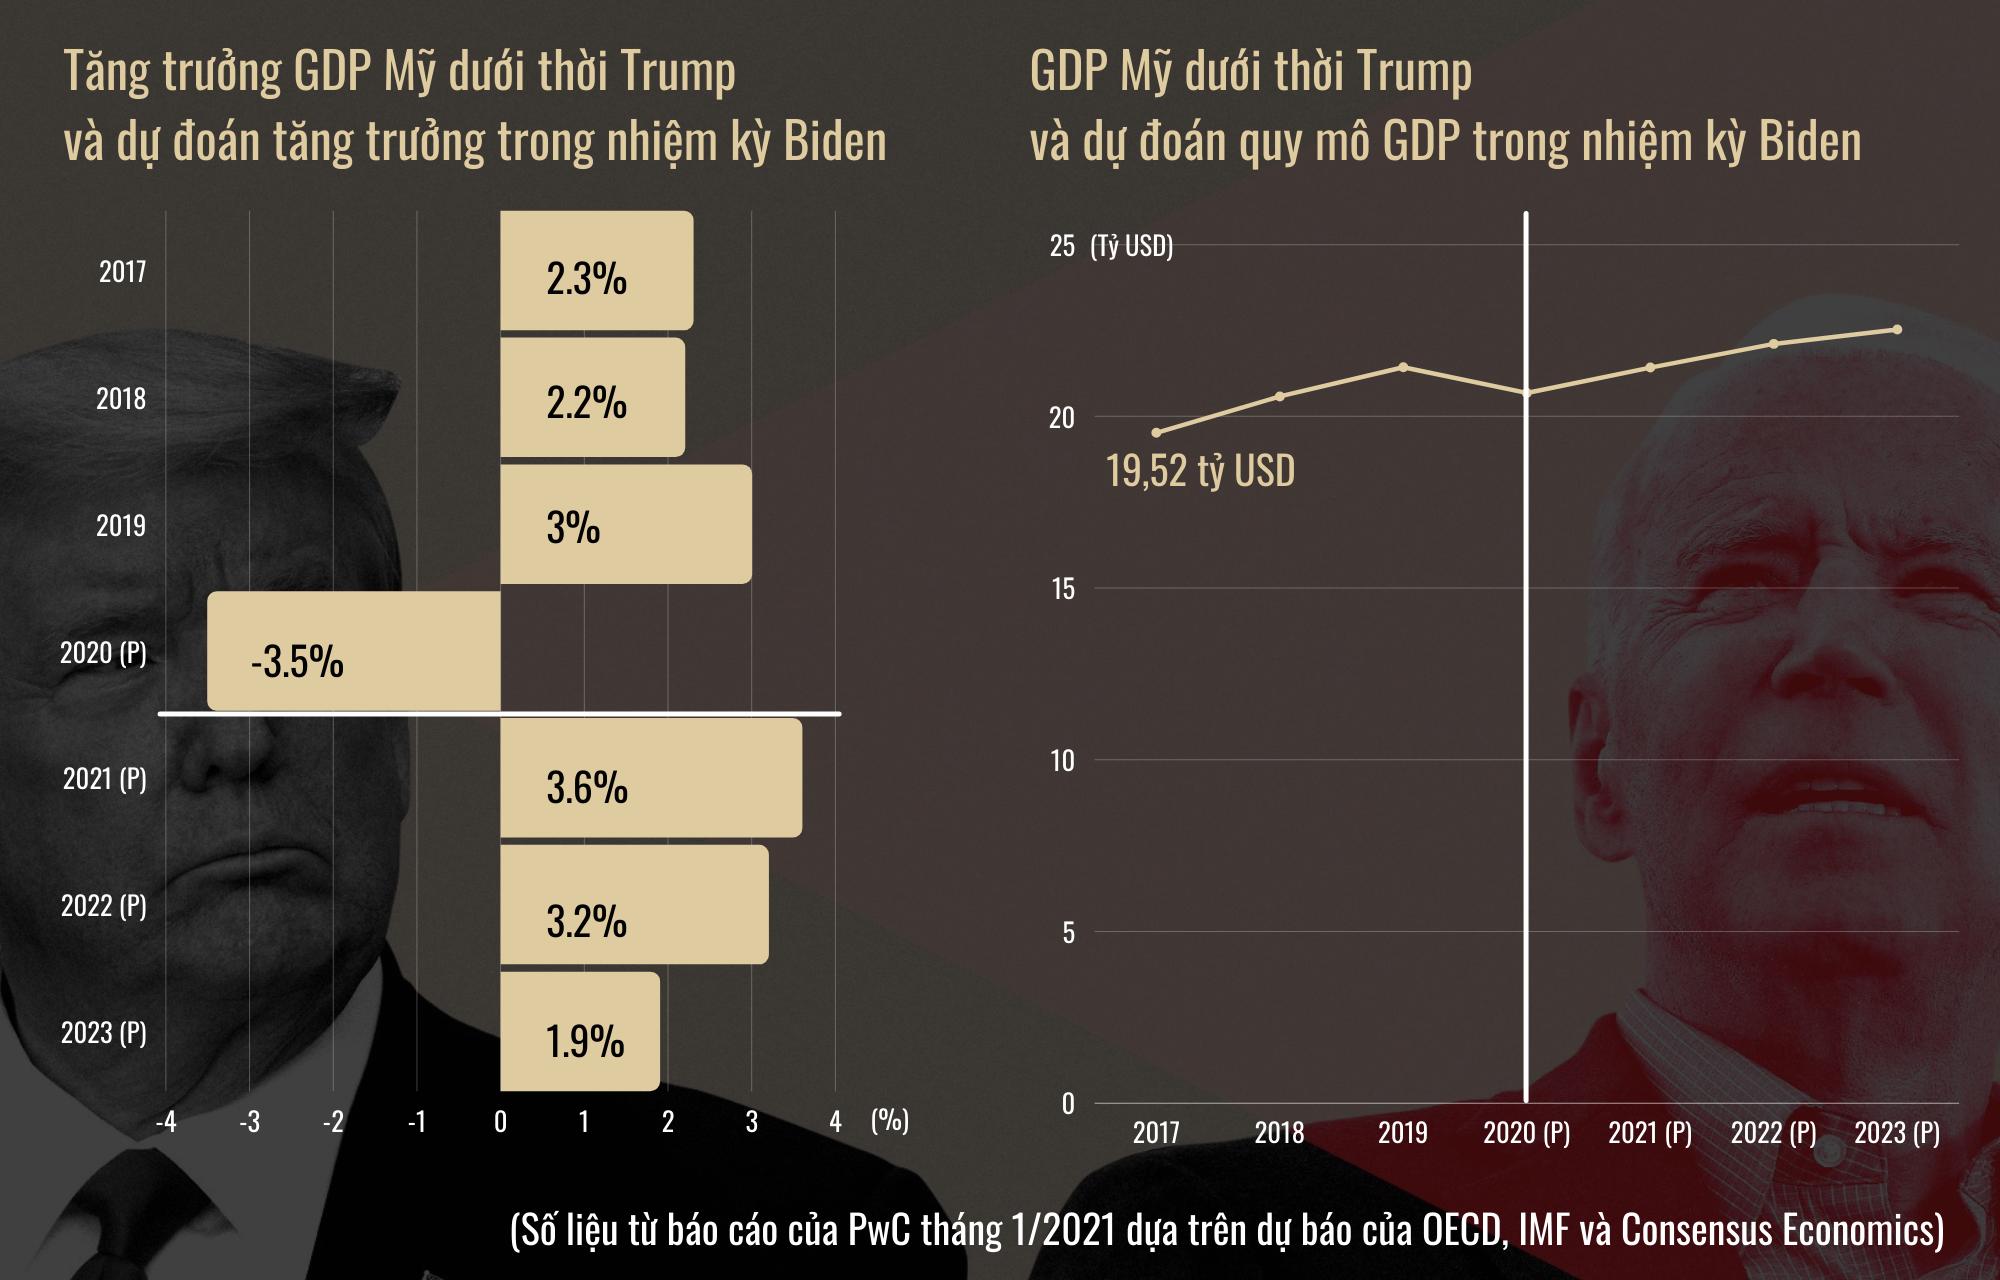 So găng chính sách kinh tế của ông Trump và ông Biden - 6